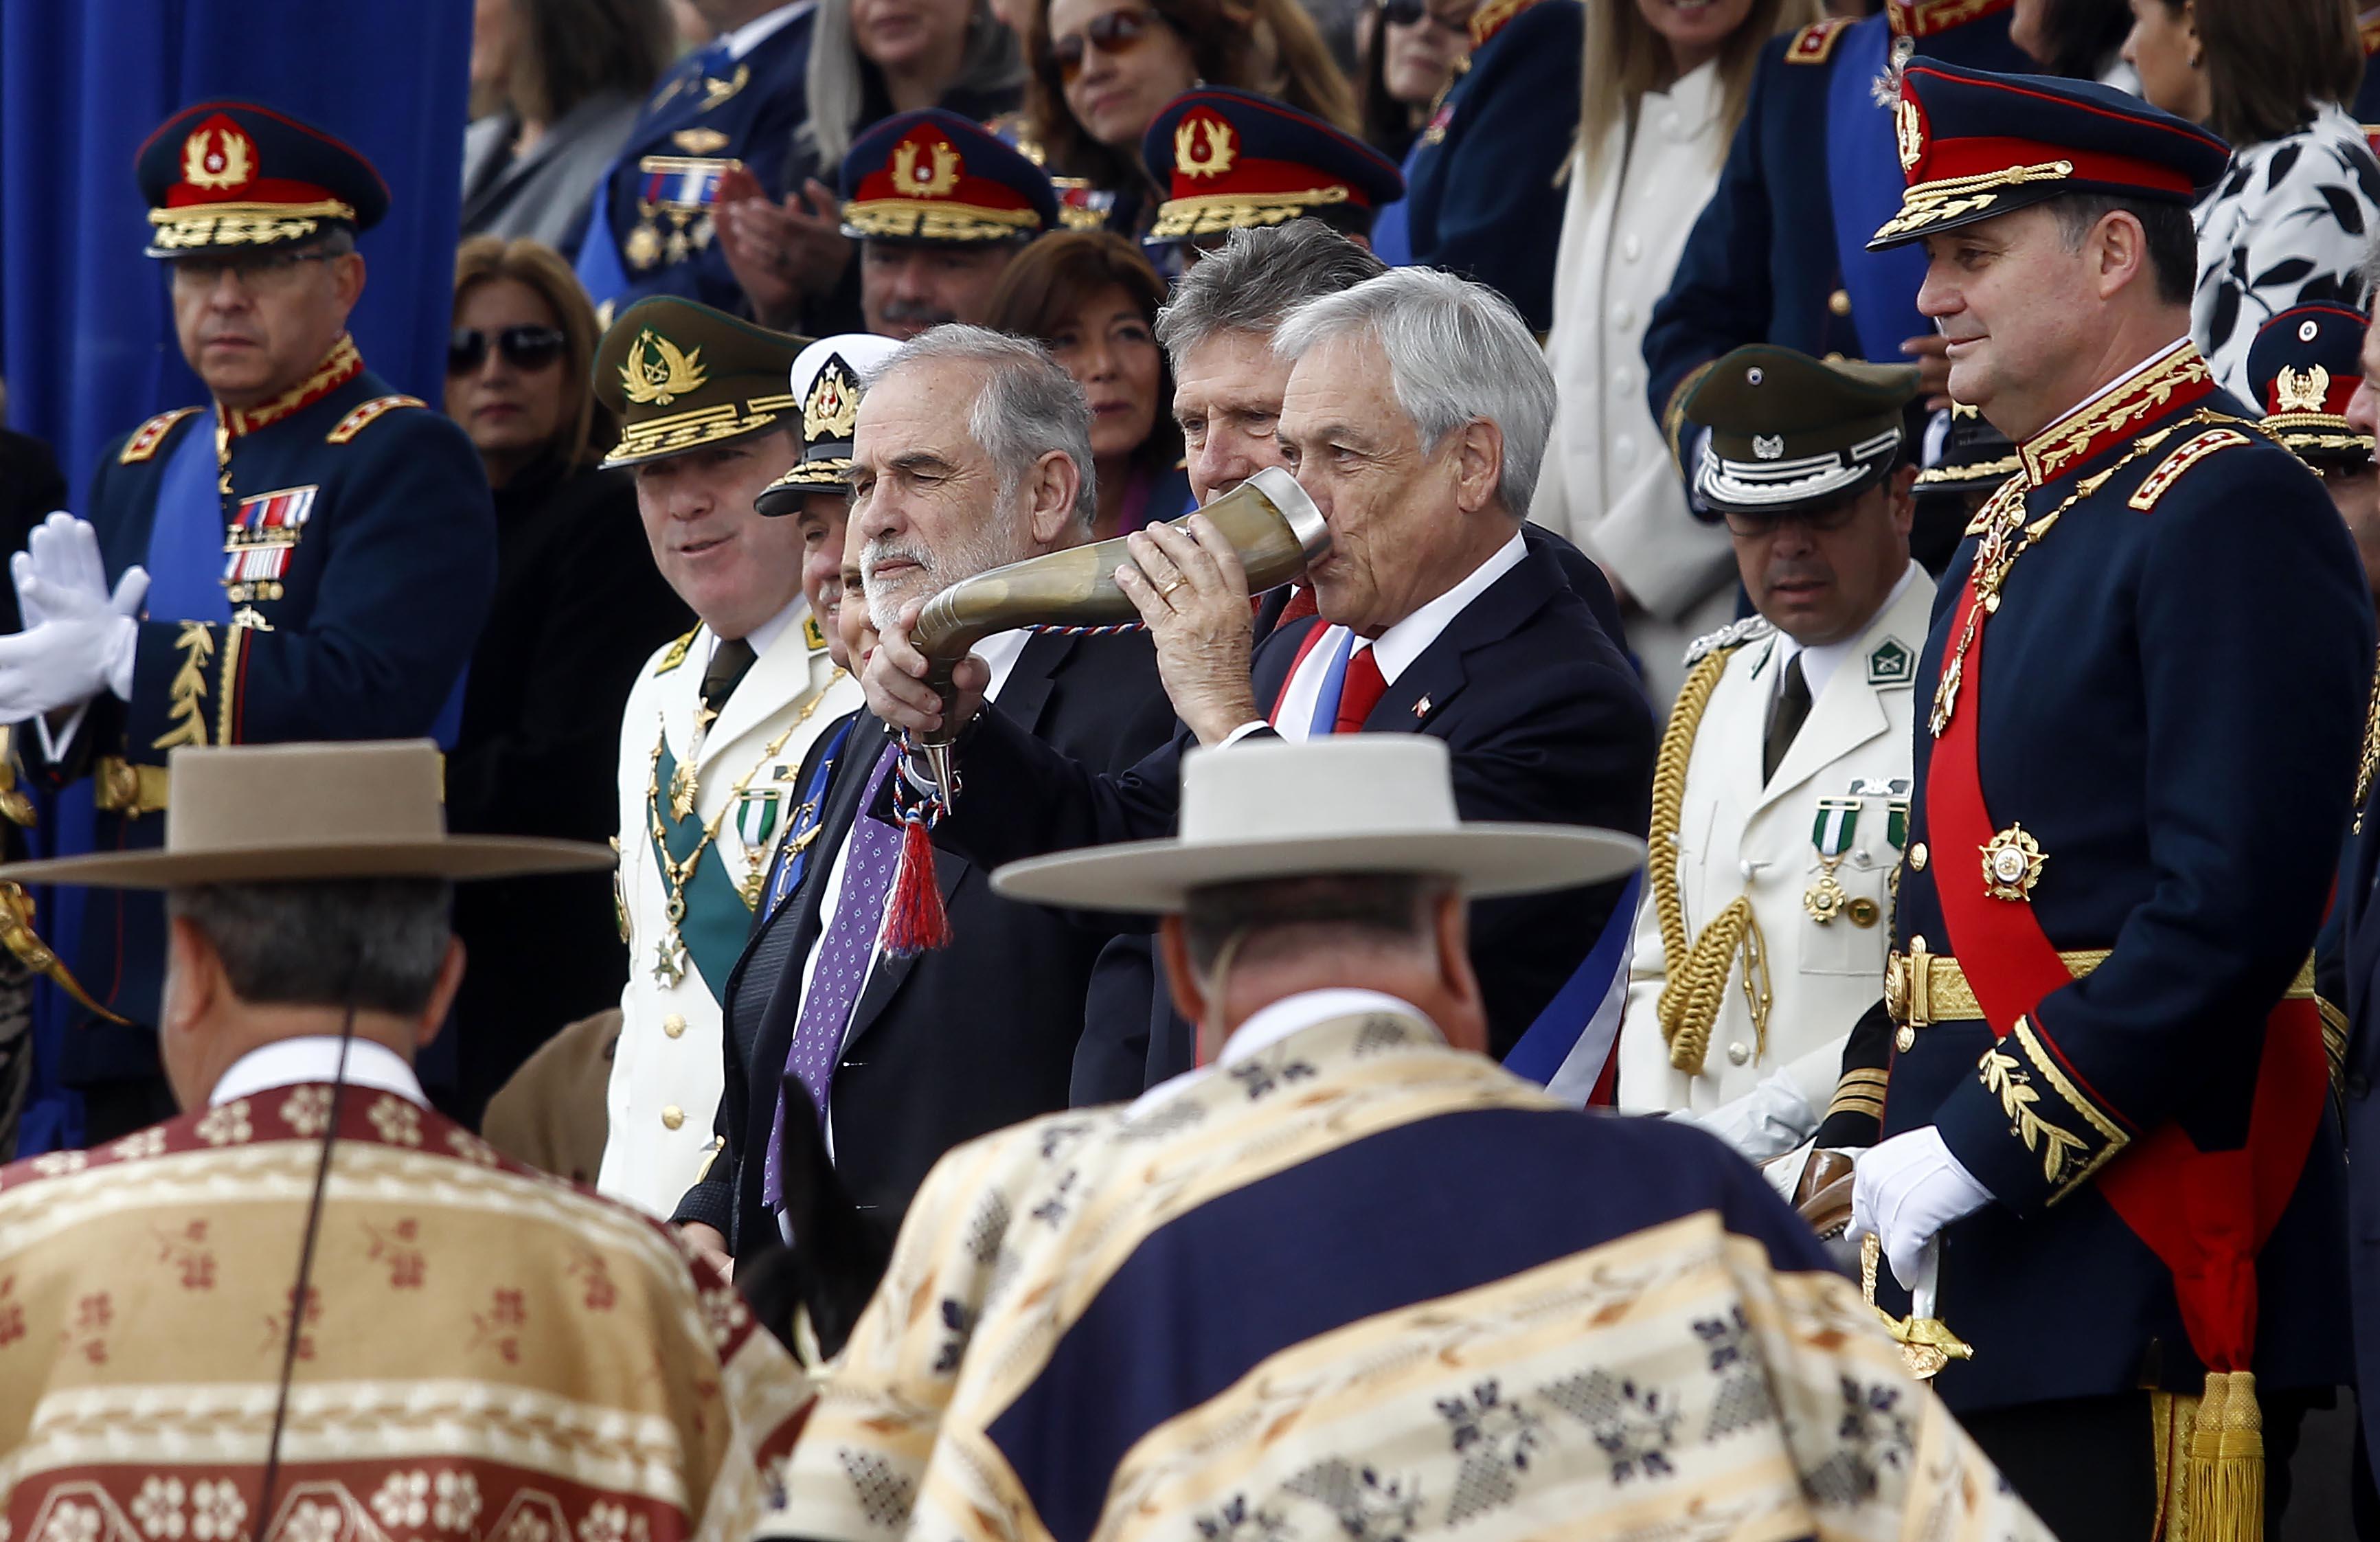 El presidente de la República, Sebastián Piñera, realiza el tradicional brindis de chicha en cacho, en parada militar 2018 | Agencia UNO